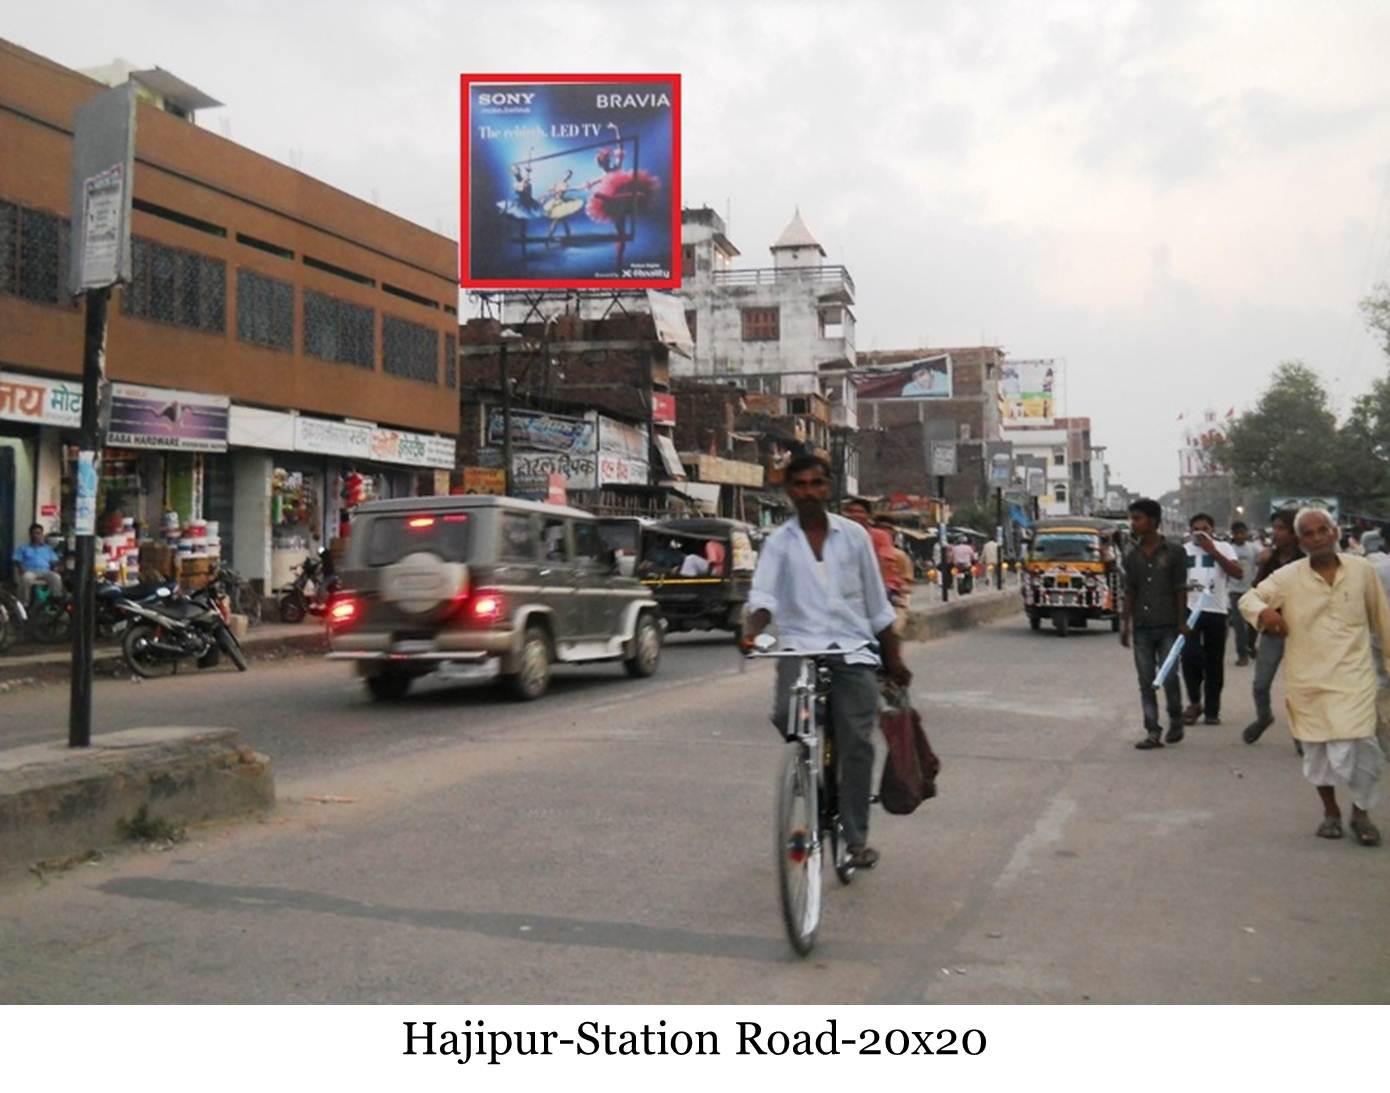 Station Rd, Hajipur